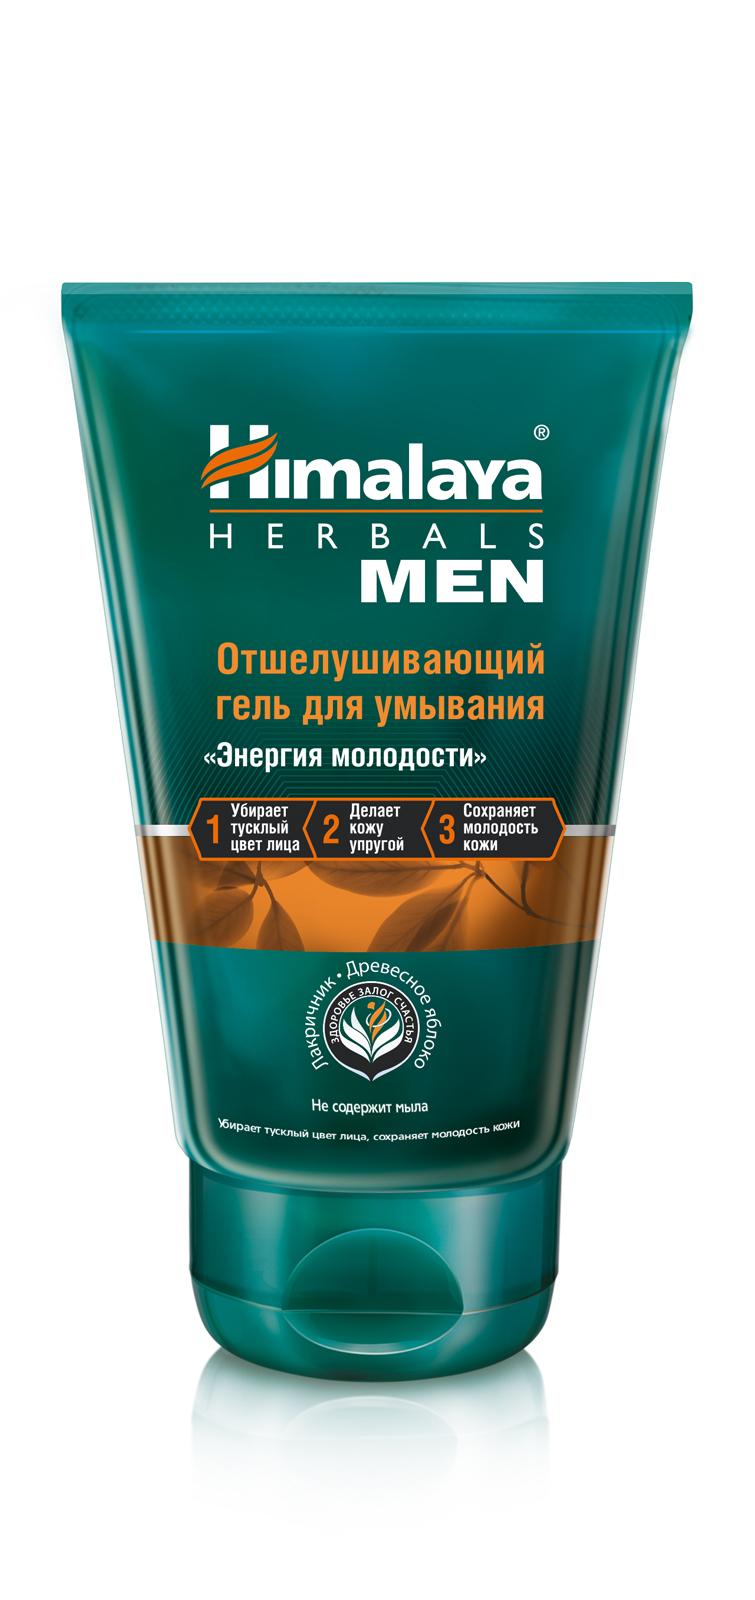 Himalaya Herbals Отшелушивающий гель для умывания «Энергия молодости», 100 мл8901138831073Средство для умывания выполняет 3 важных действия, улучшая цвет лица и делая кожу сияющей изнутри: 1.Отшелушивает омертвевшие клетки кожи, осветляет и выравнивает тон. 2.Делает кожу упругой, сохраняет молодость кожи. 3.Освежает и улучшает цвет лица, убирает тусклый цвет. Лакричник – антиоксидант, осветляет кожу и темные пятна. Ферония лимонная отшелушивает омертвевшие клетки кожи. Ментол освежает кожу.